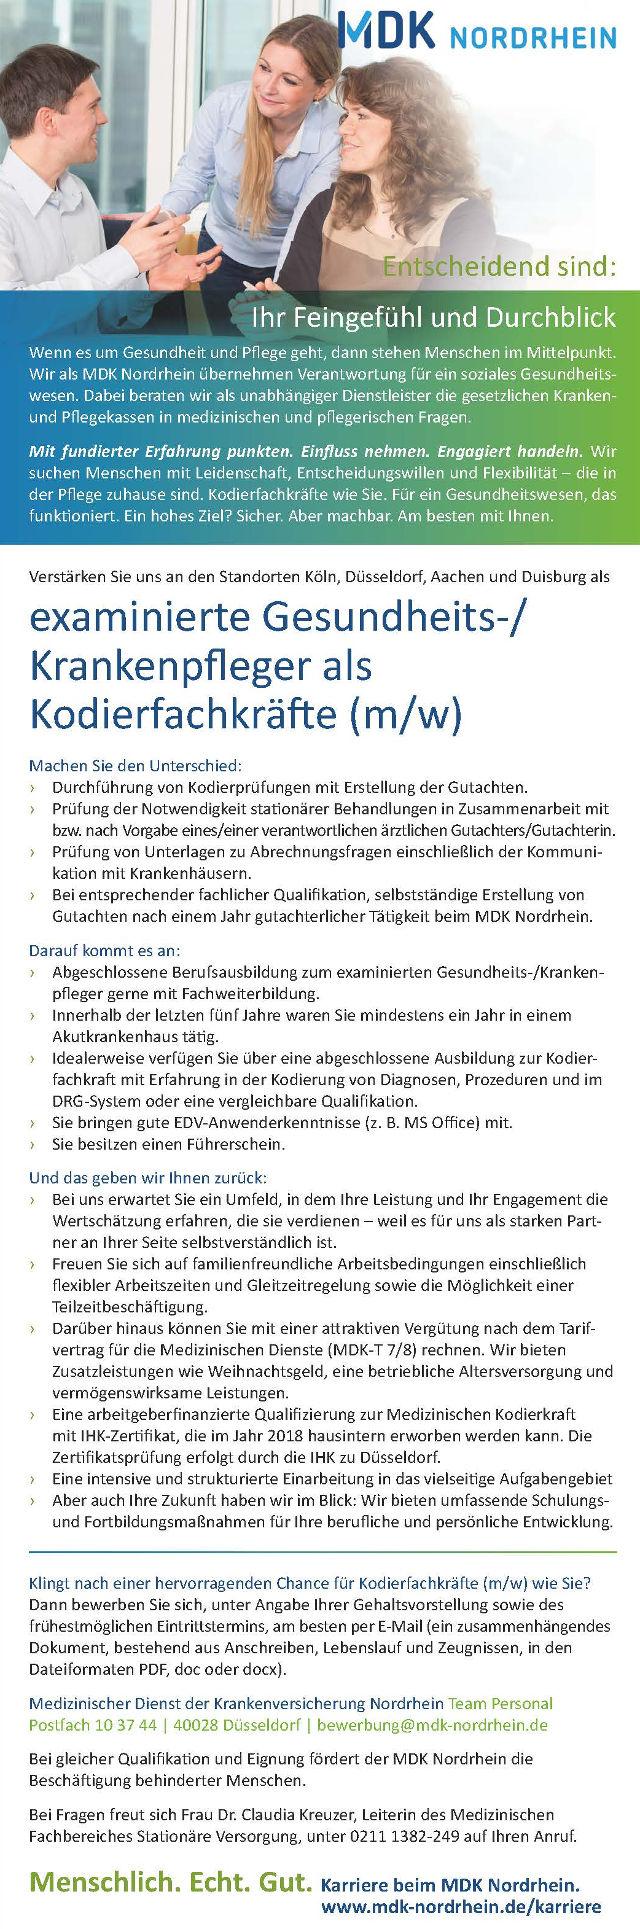 Ziemlich Medizinische Kodierung Zertifikat Galerie - Menschliche ...